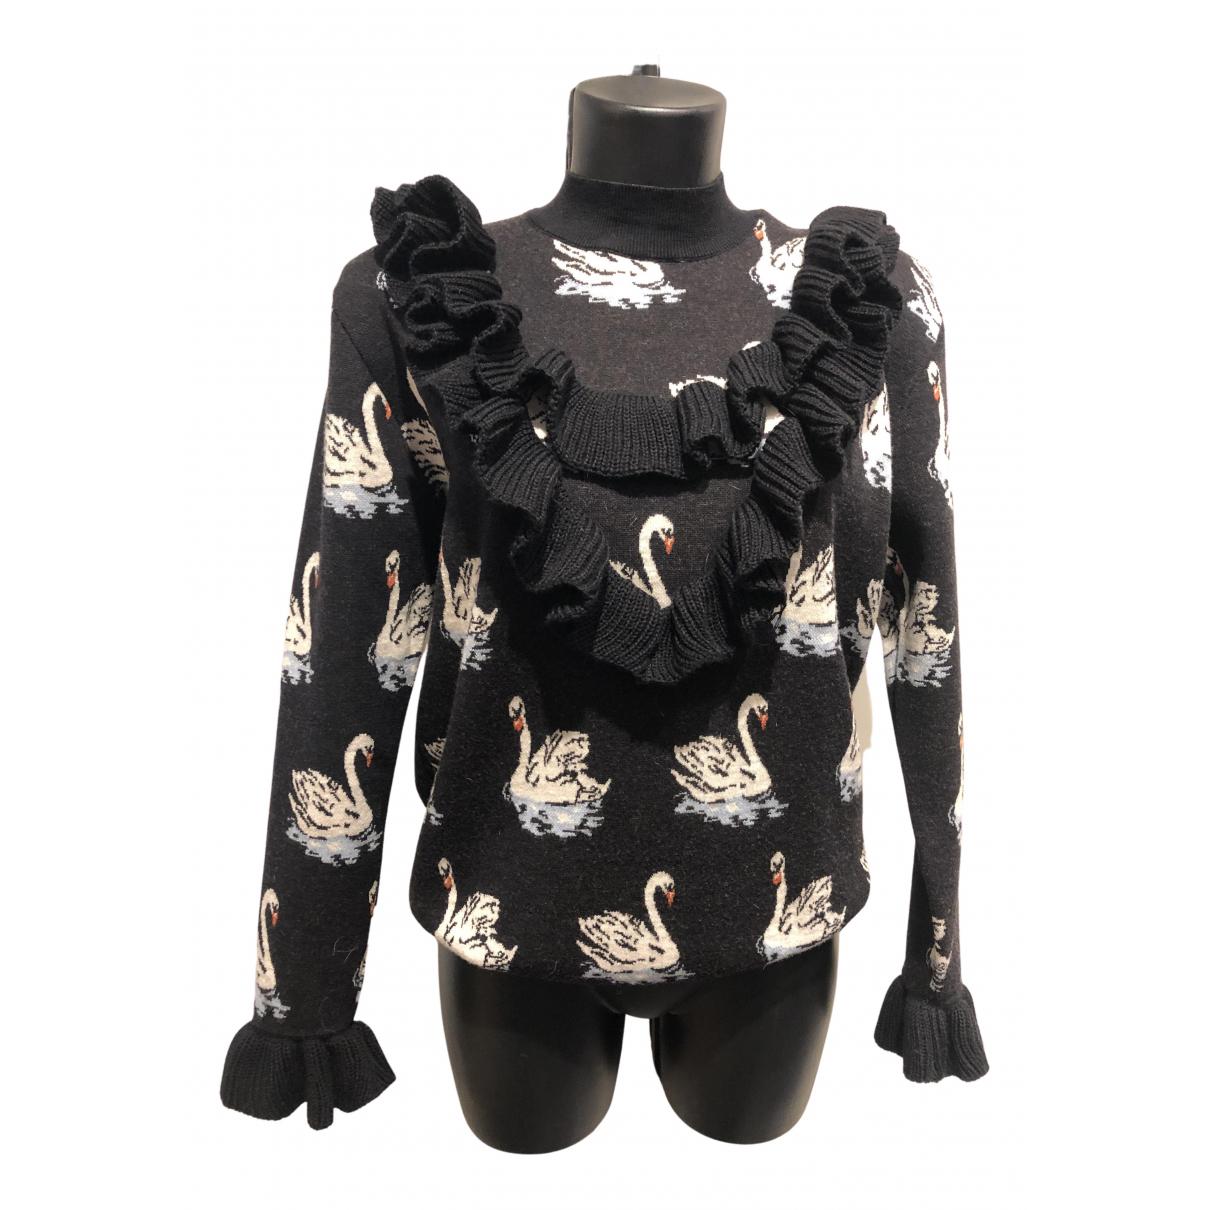 Stella Mccartney N Khaki Wool Knitwear for Women 38 IT